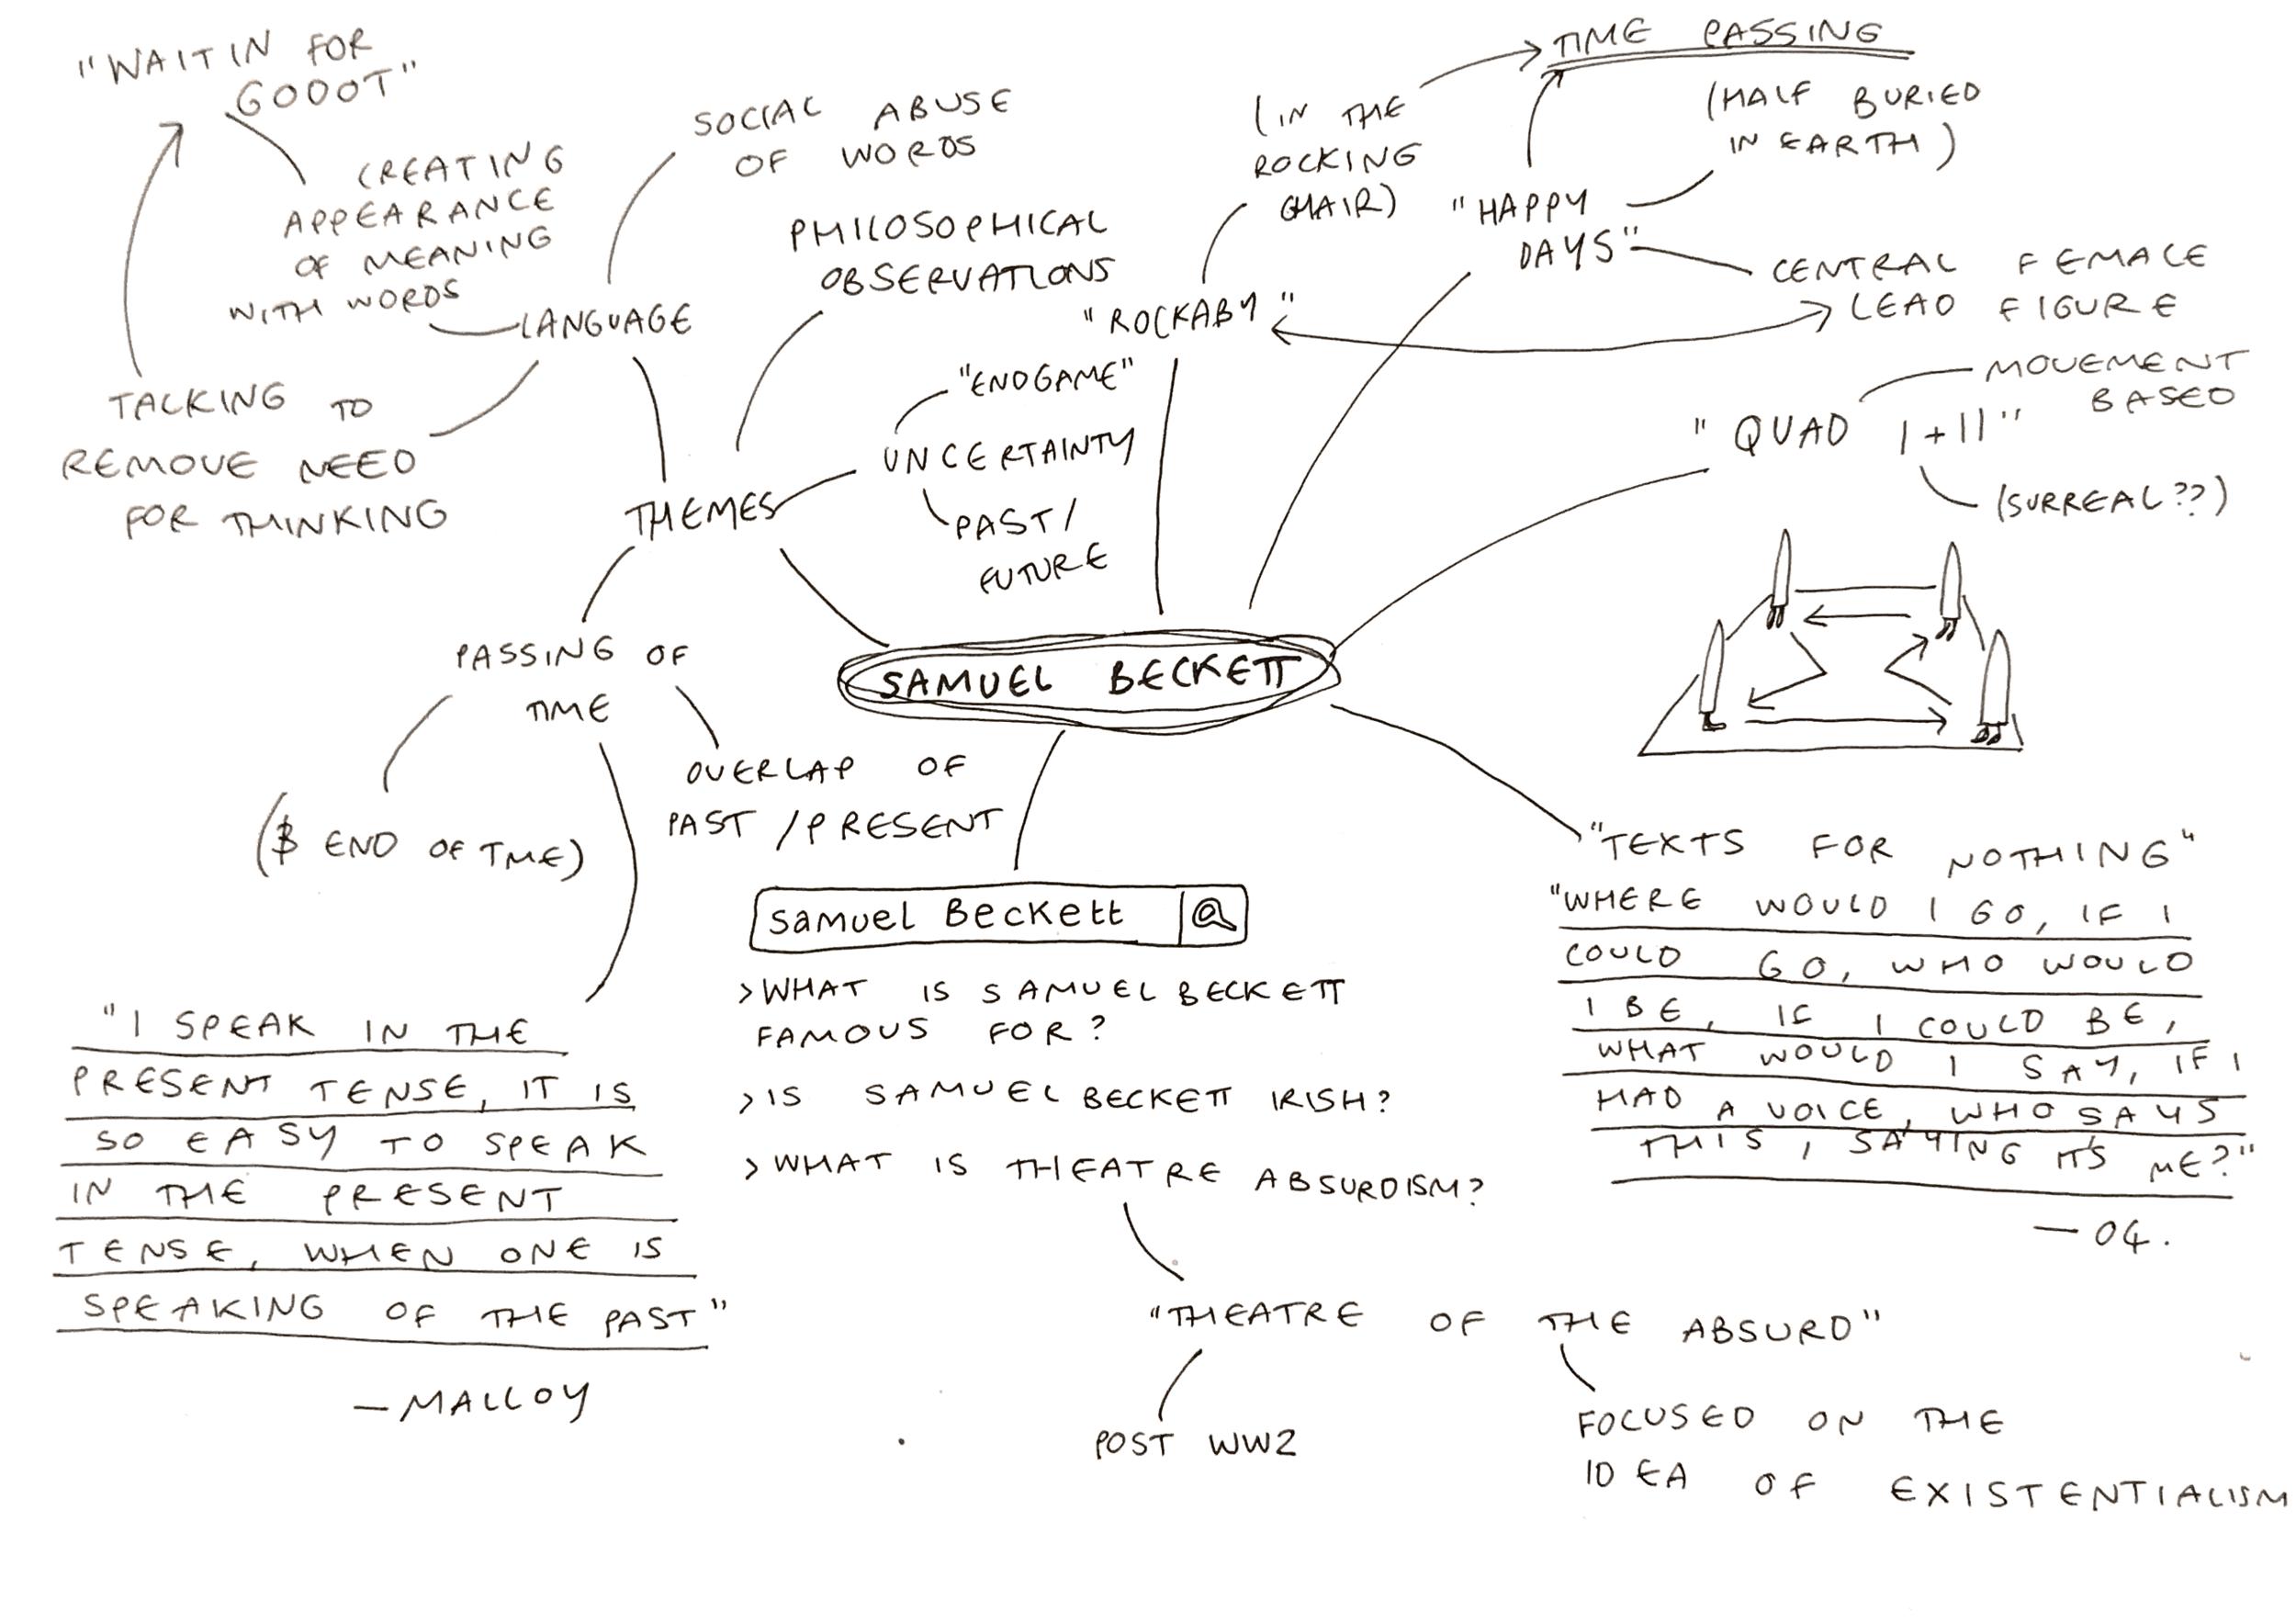 The first mindmap